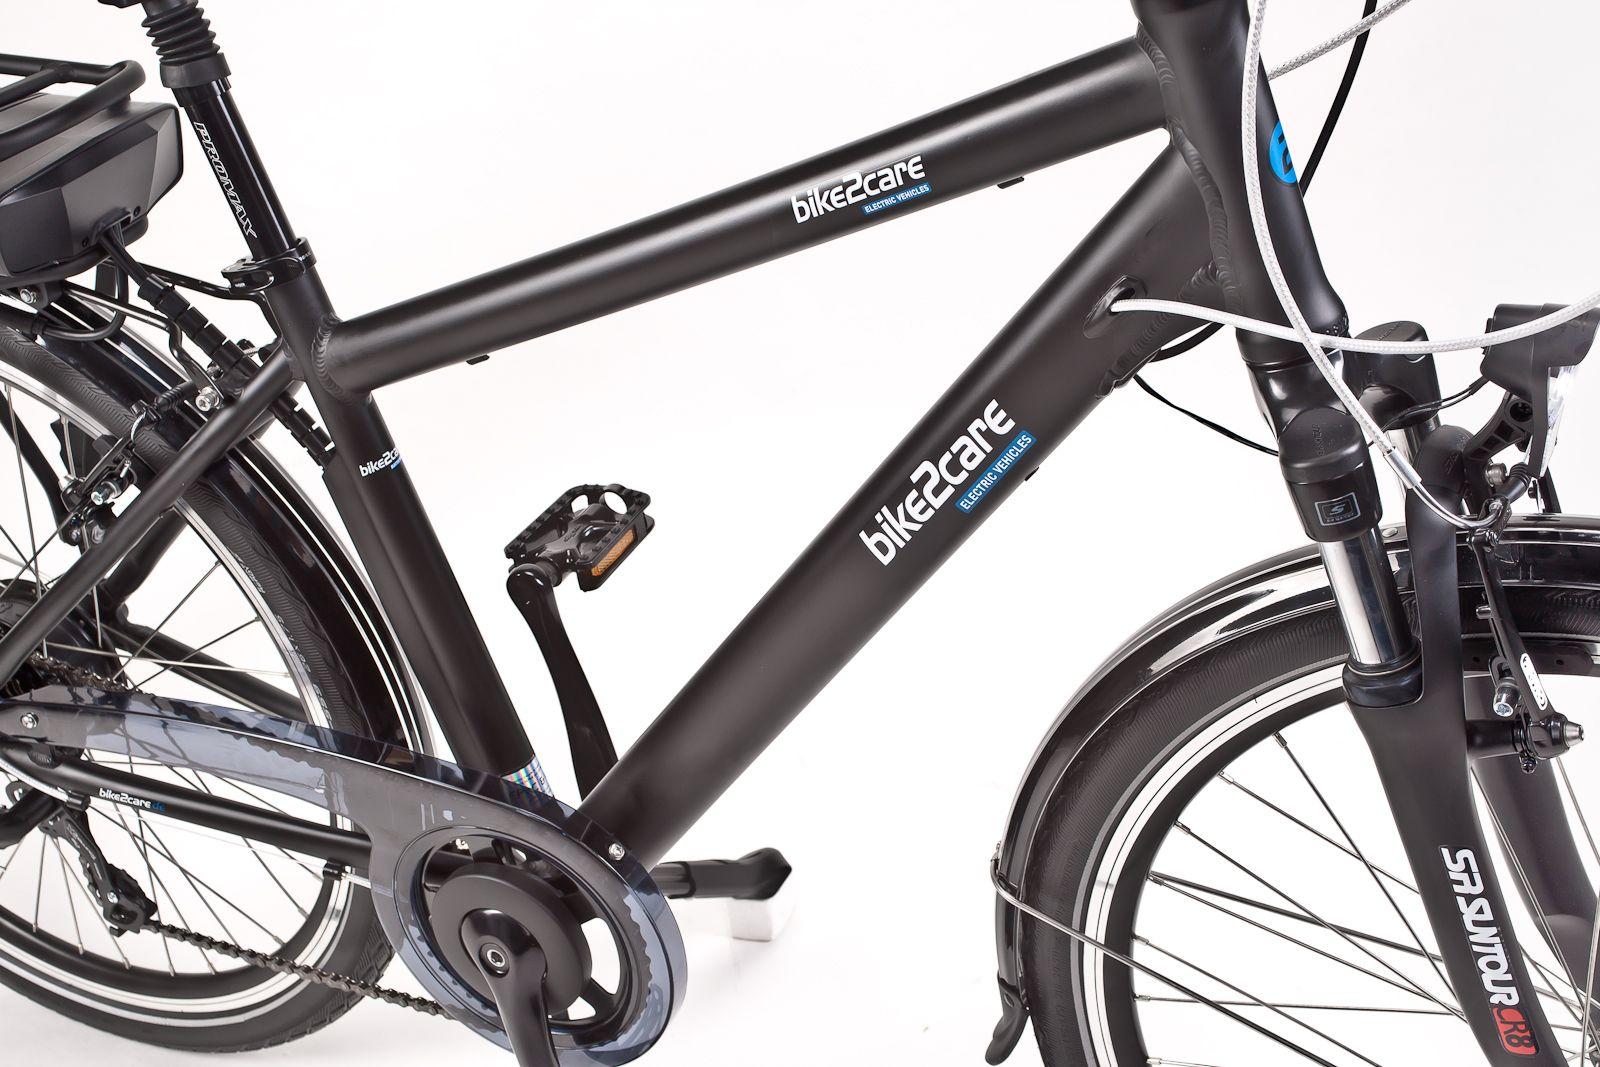 Der Trapezrahmen des M6-PRIME E-Bike von bike2care | Das M6-PRIME E ...